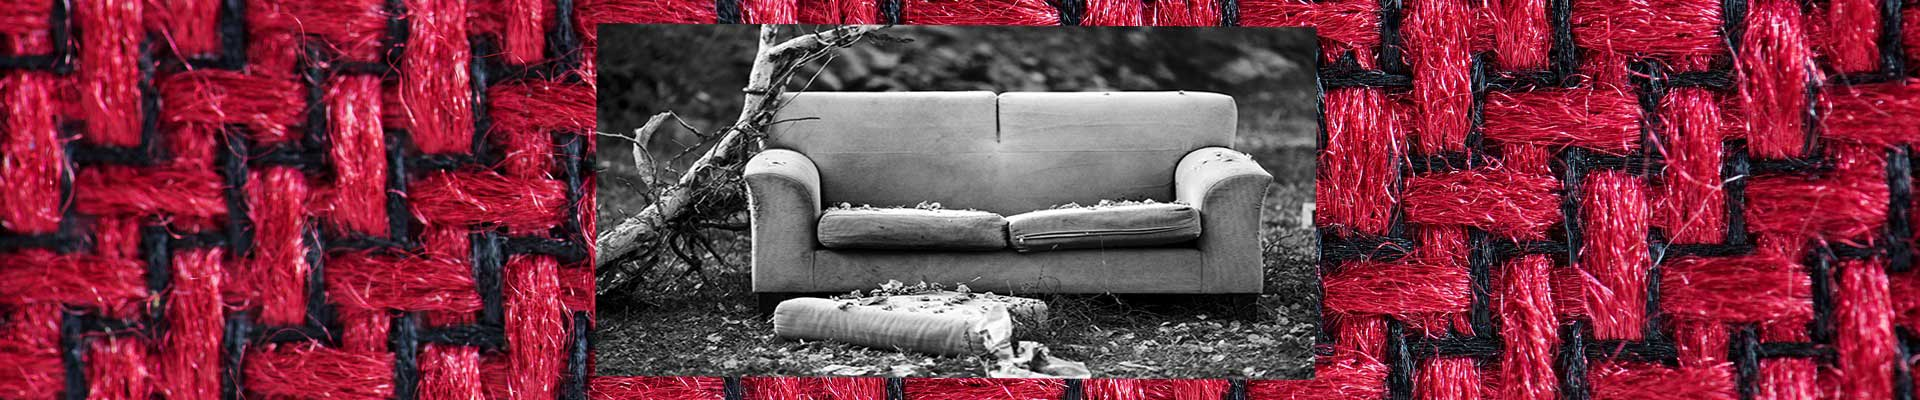 canapé abimé sur tissu a motif rouge